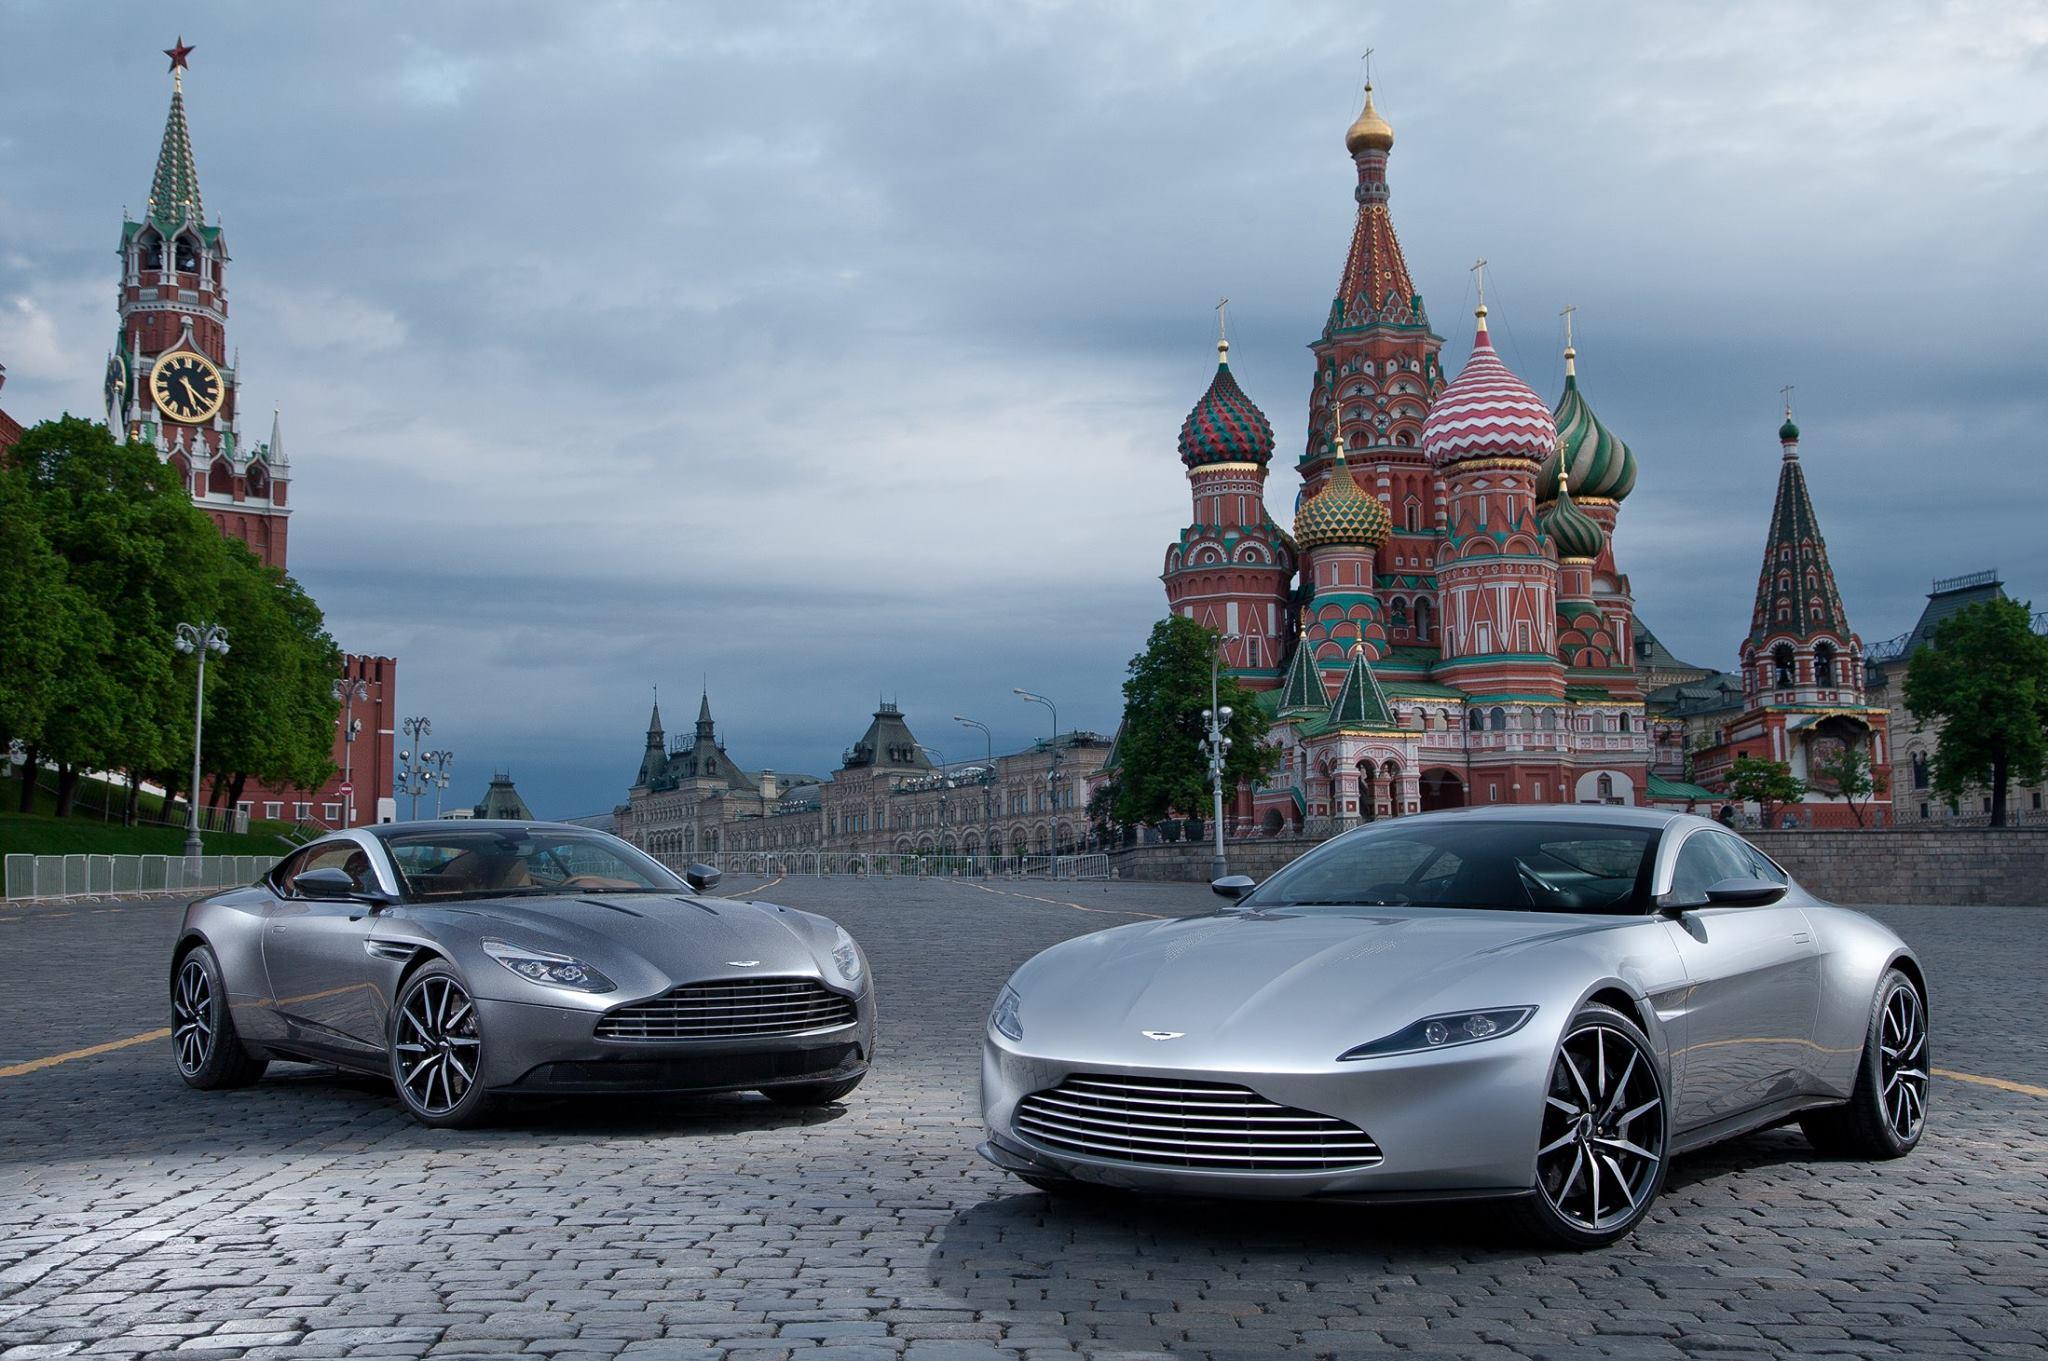 Лучшие фото машин в москве